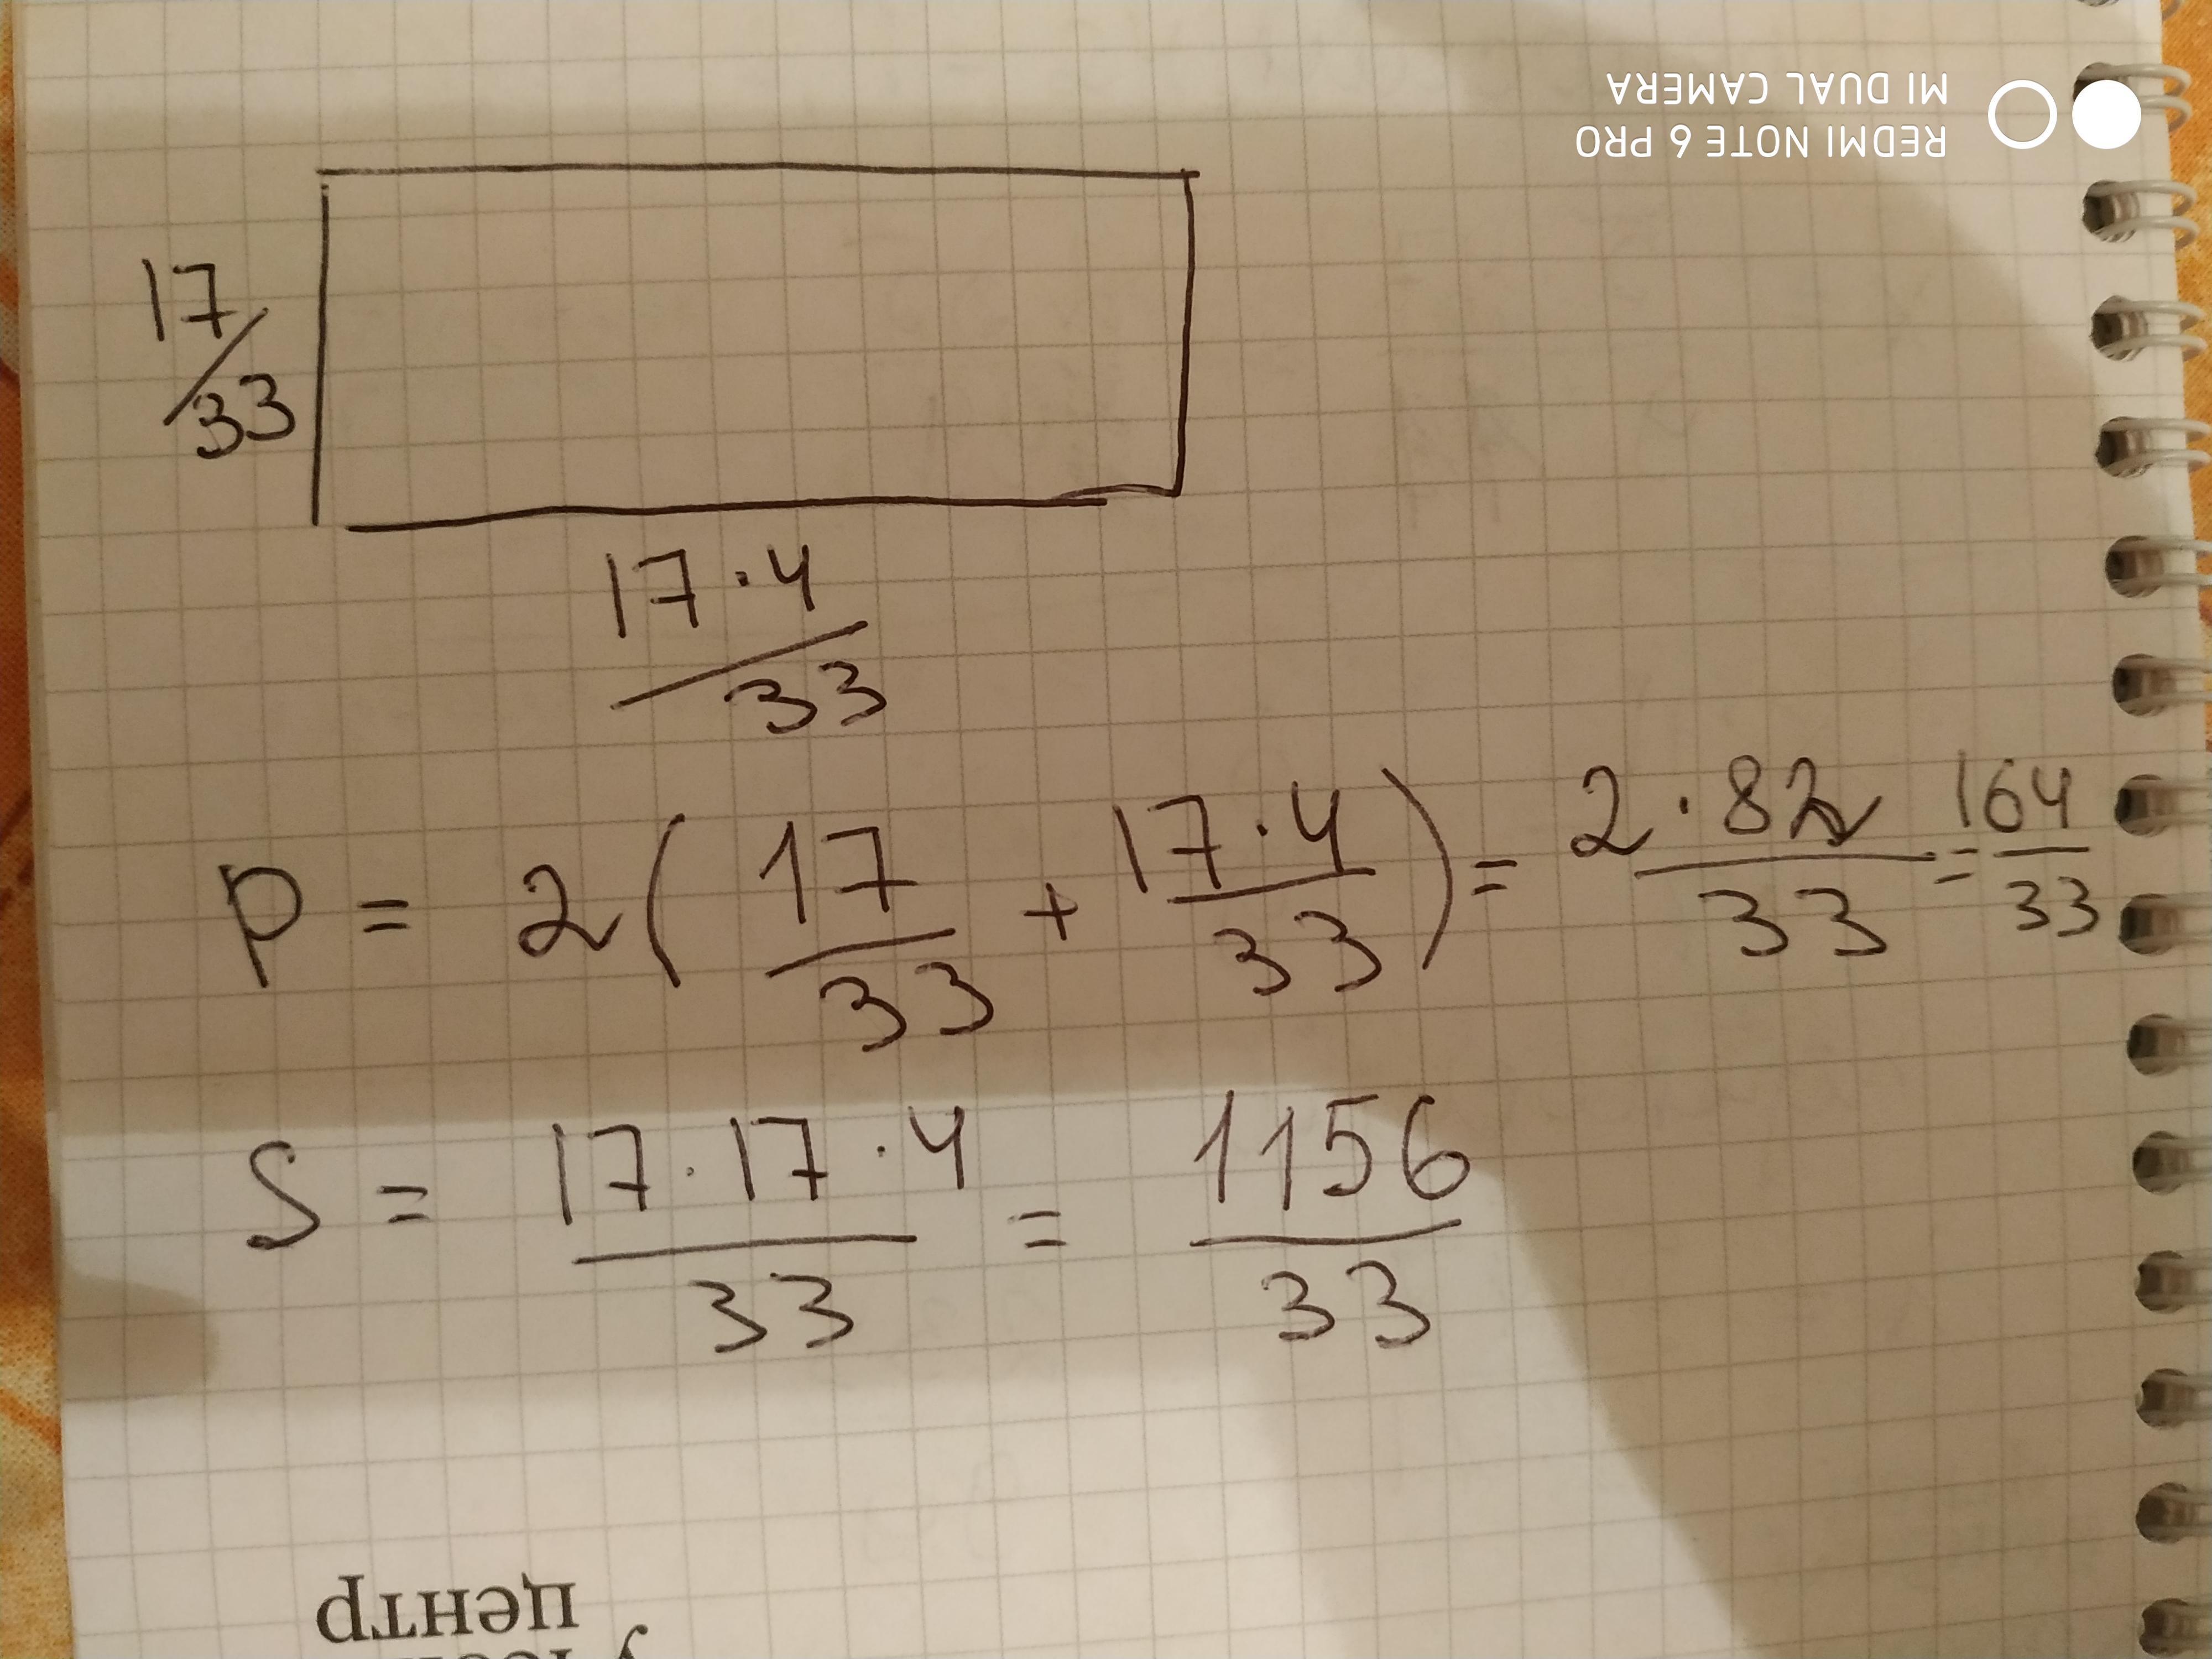 Ширина прямоугольника составляет 17/33 линейных